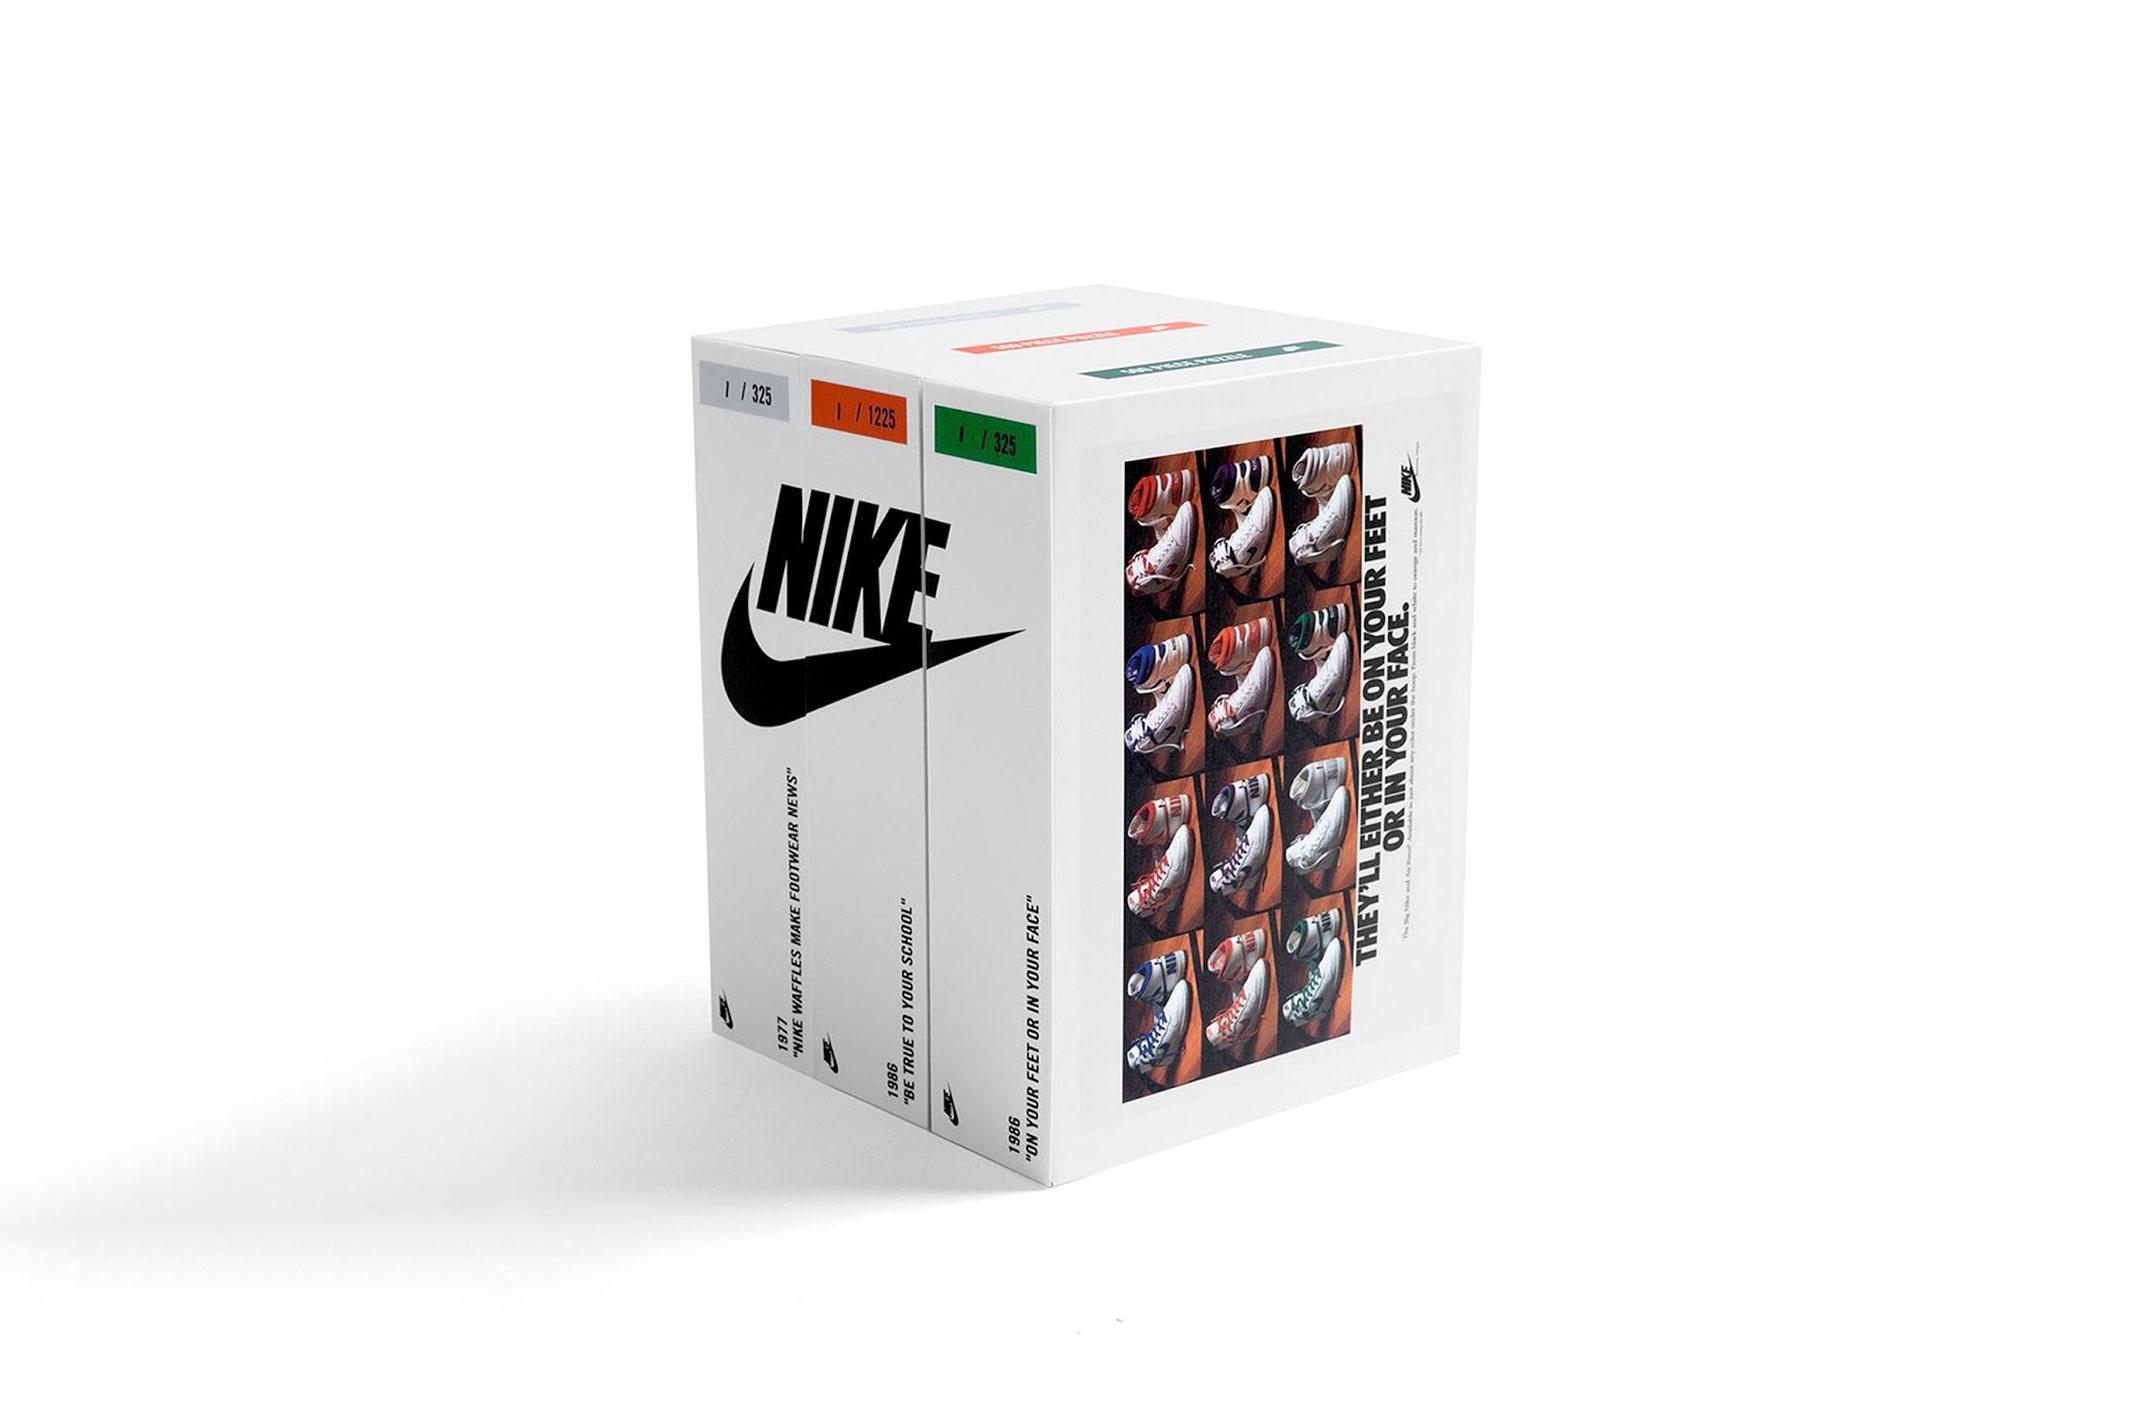 Nike 推出鬼罕限量版复古广告海报拼图套装